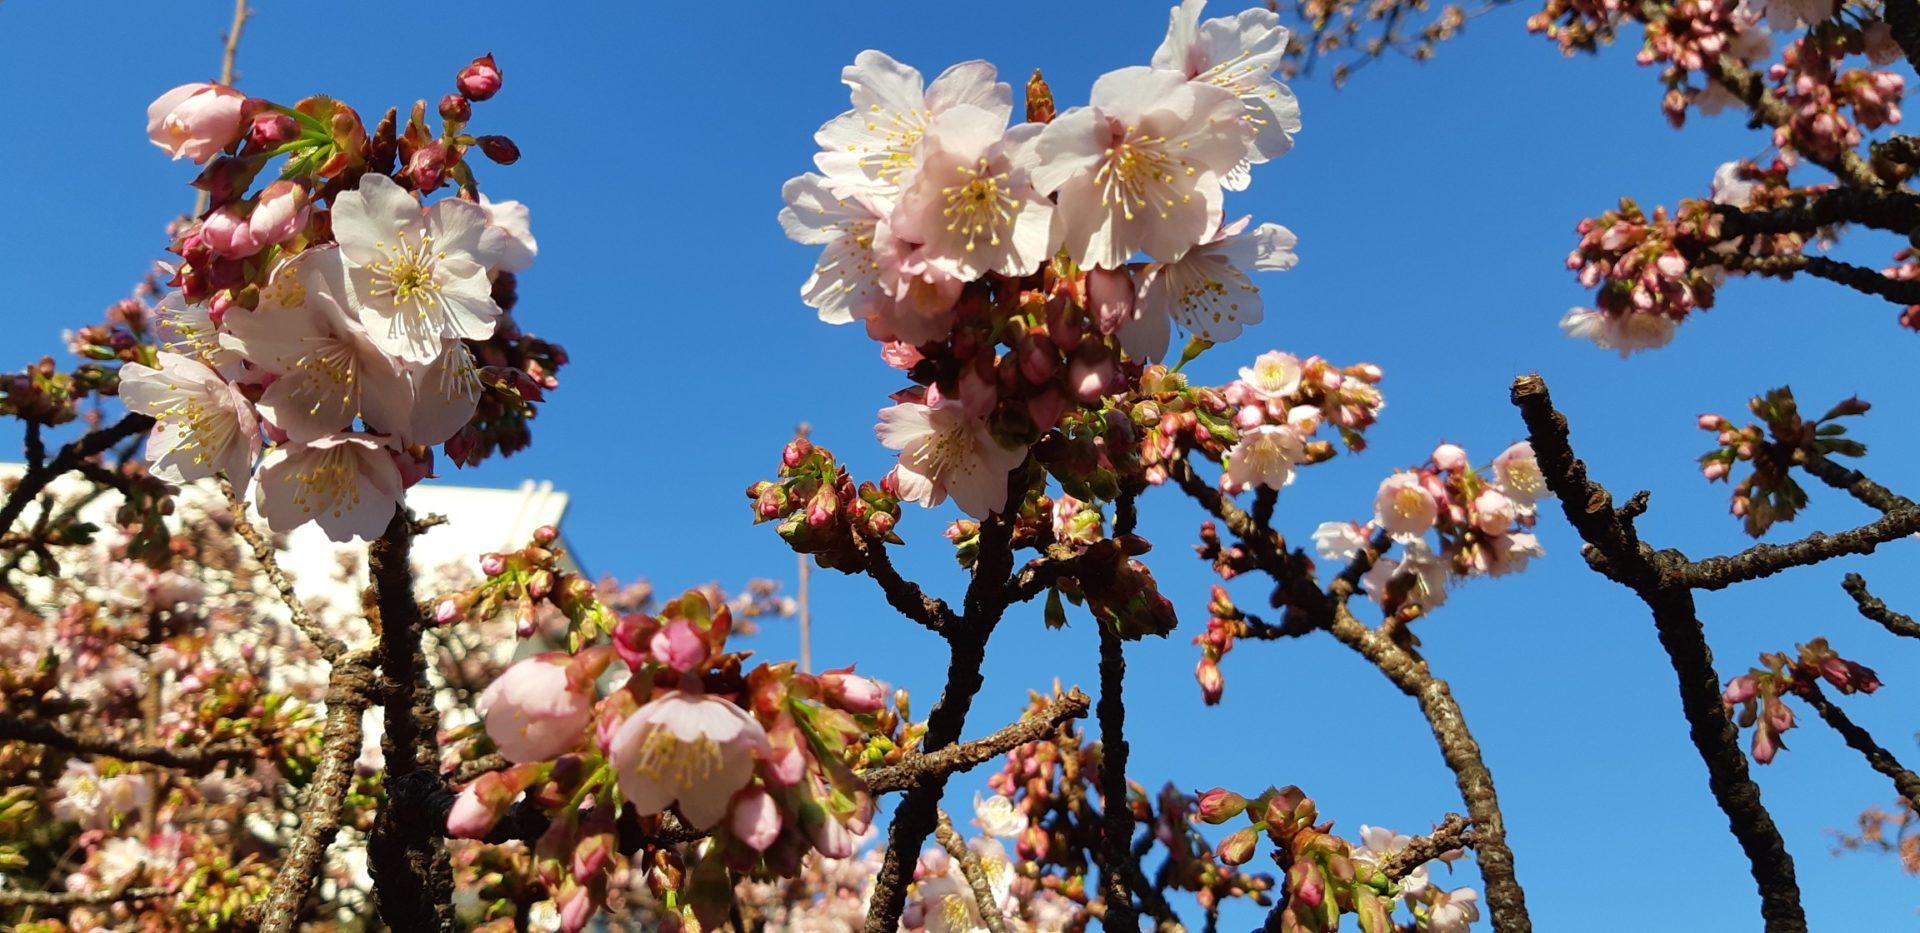 急速に開花が進んでいます。~あたみ桜 糸川桜まつり~